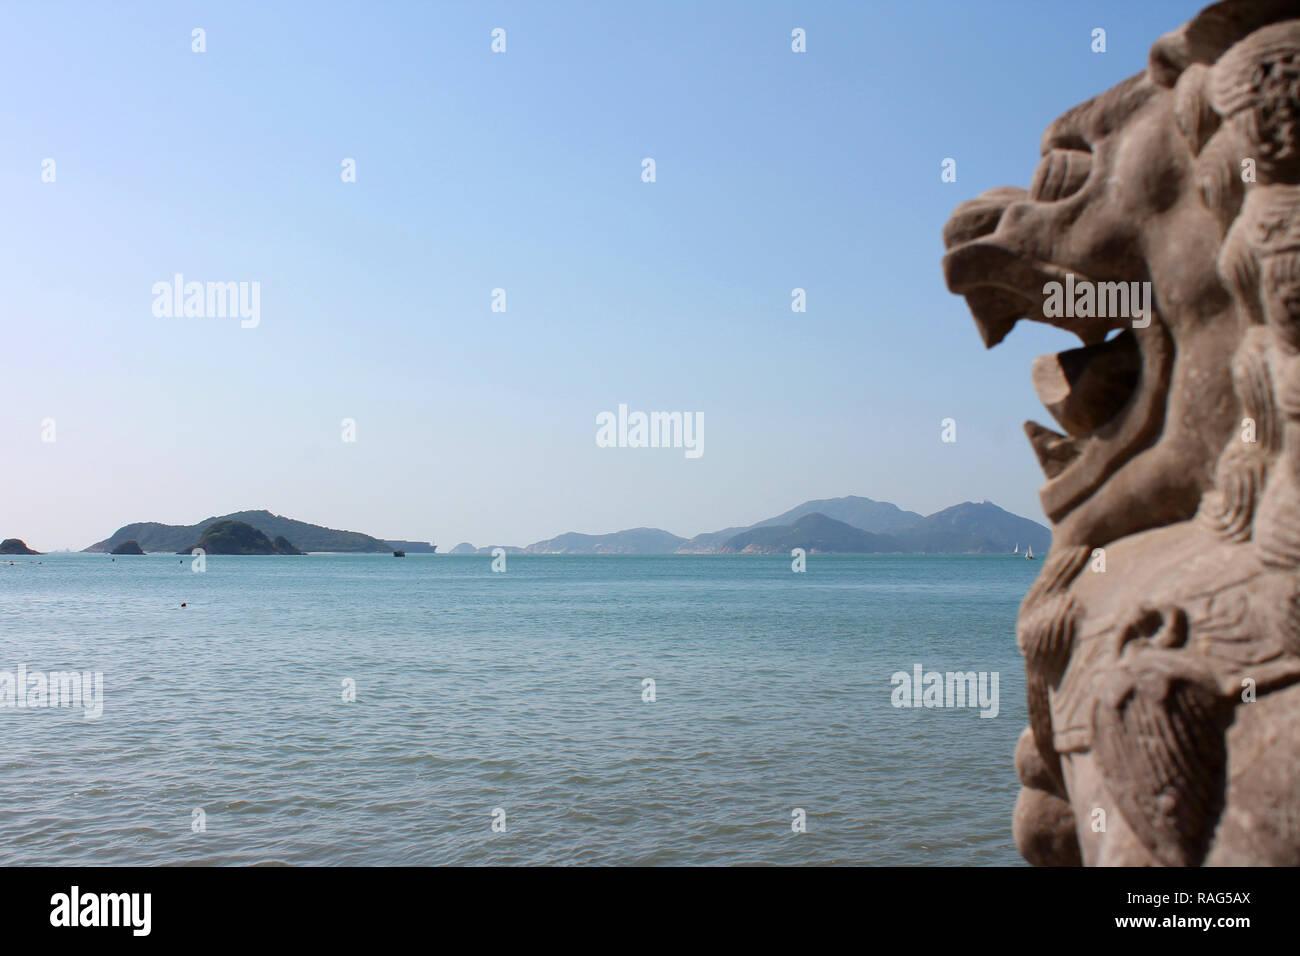 Hongkong Repuls Bay - Stock Image